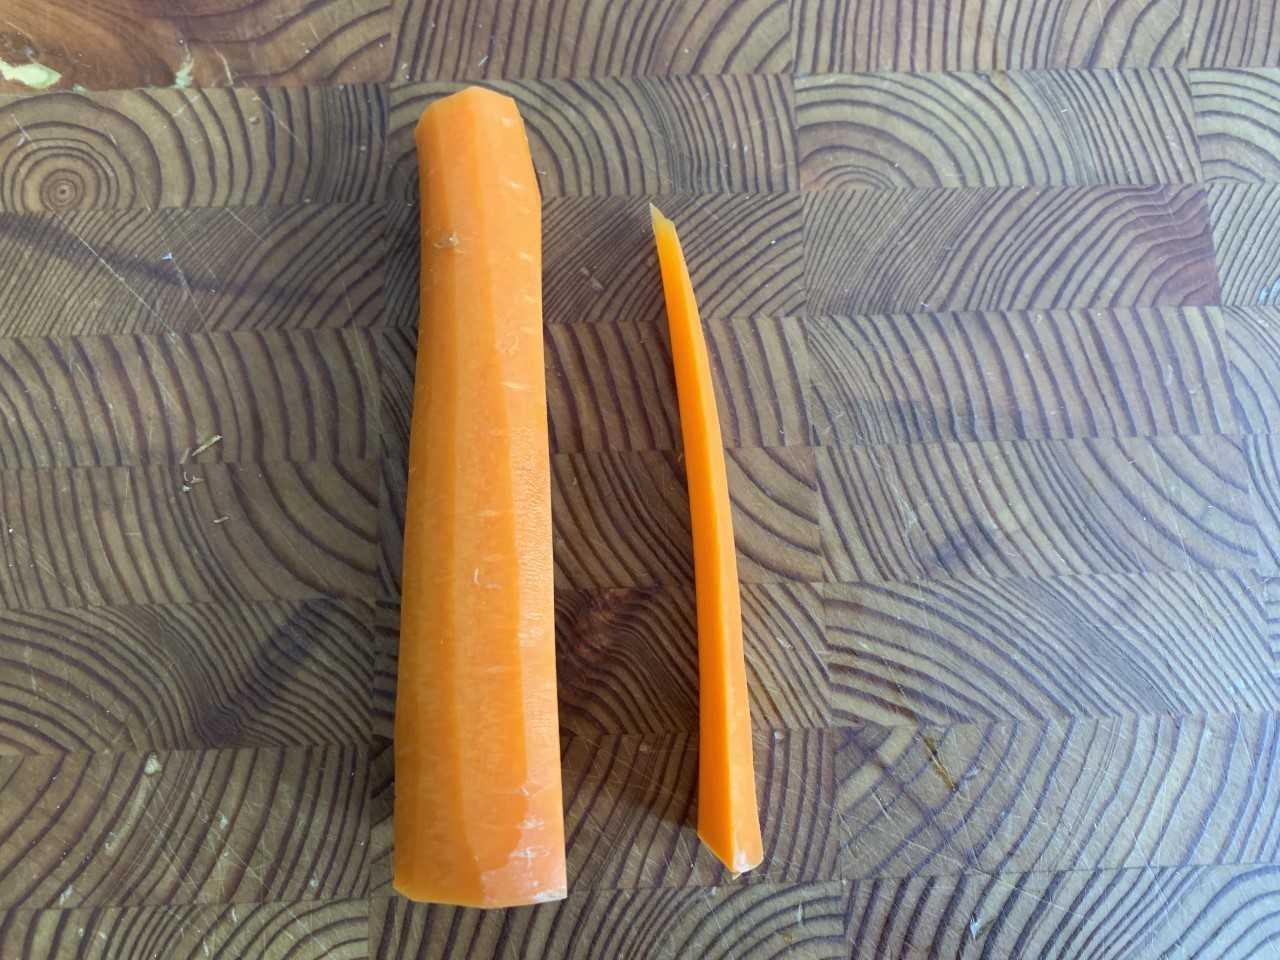 carrot julienne 1.jpg